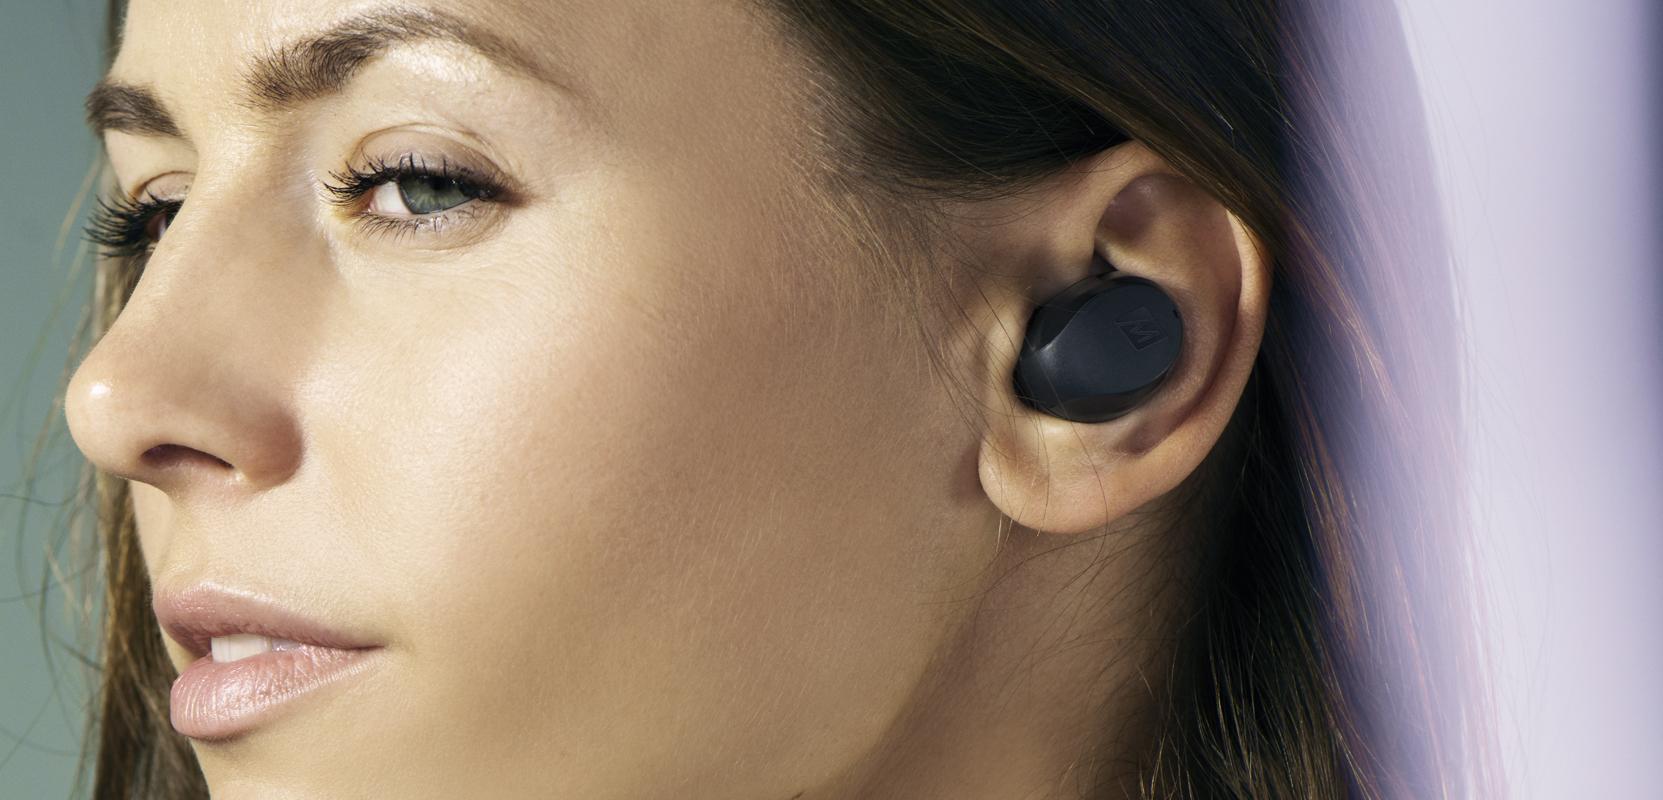 Kobieta ze słuchawkami MEE Audio X10